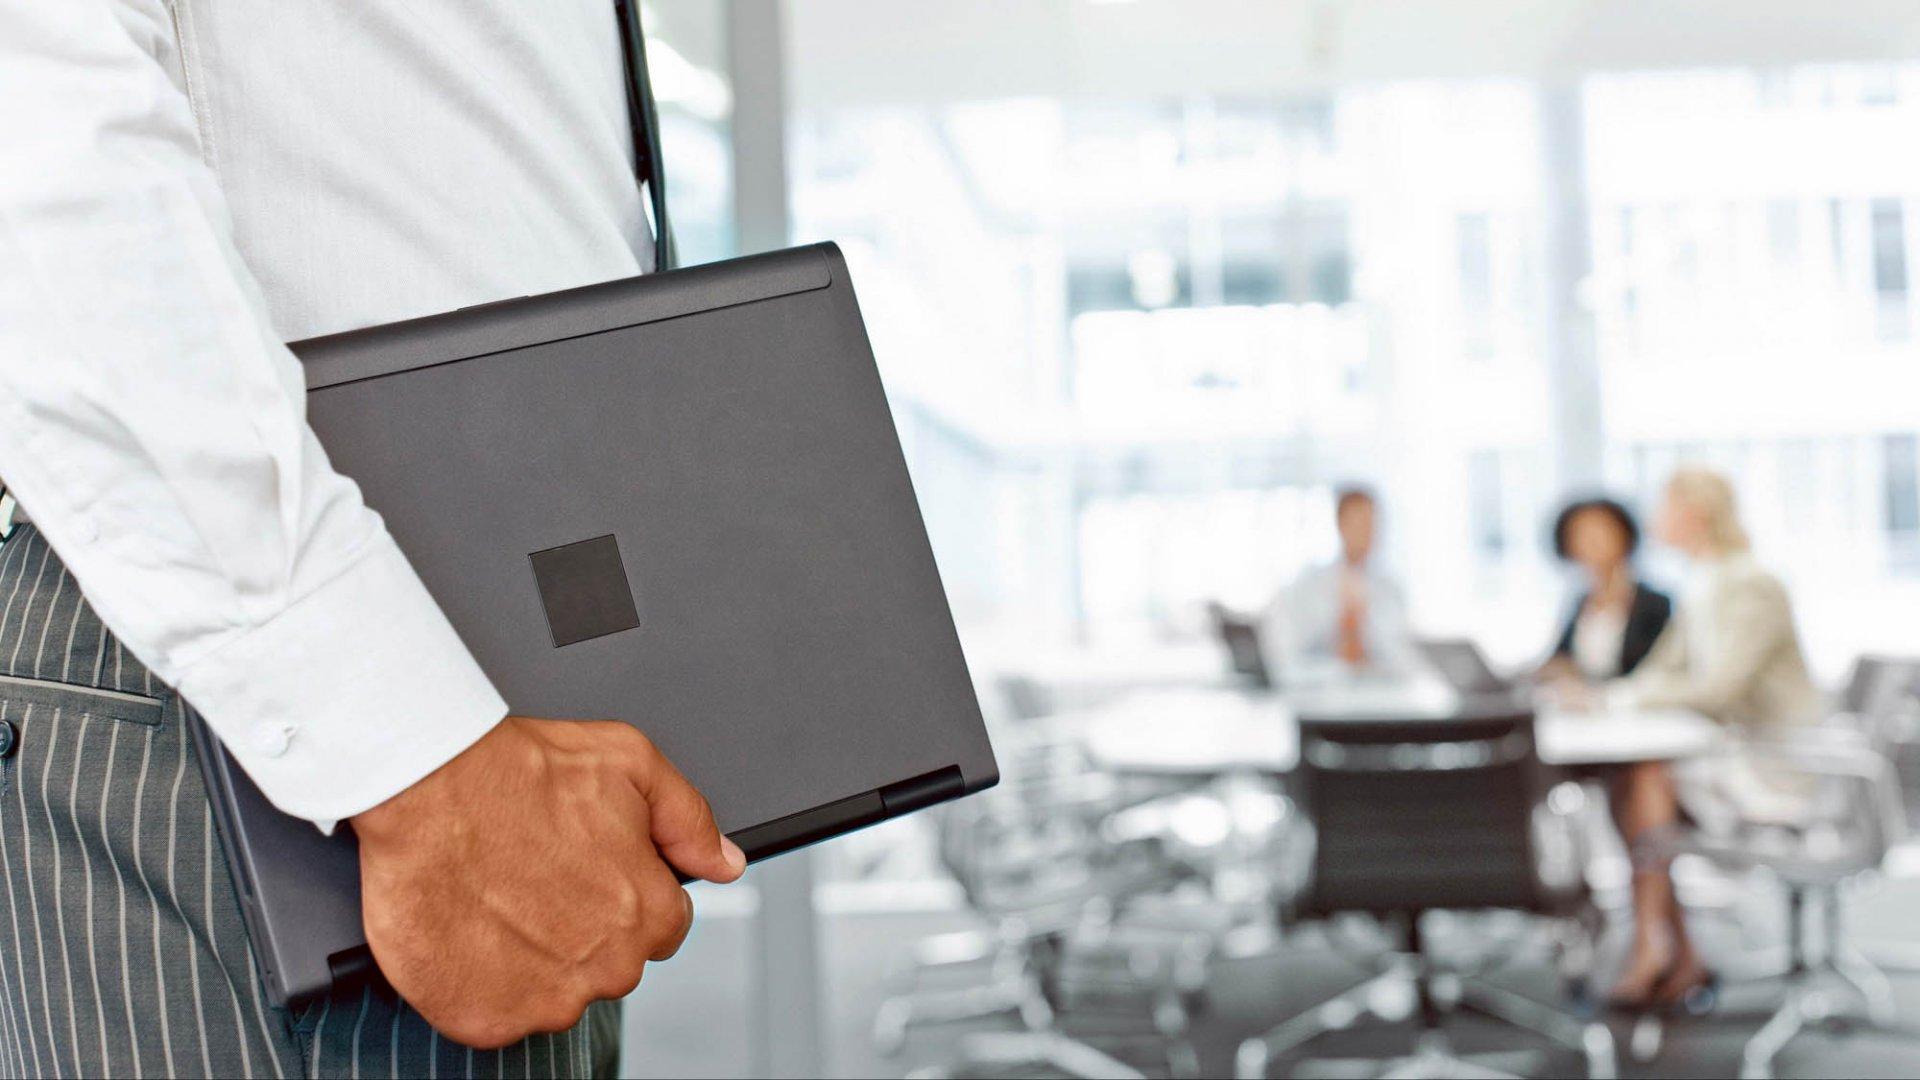 Вниманию заявителей и аккредитованных лиц: реквизиты для заключения договоров на оказание услуг можно указать в личном кабинете во ФГИС Росаккредитации